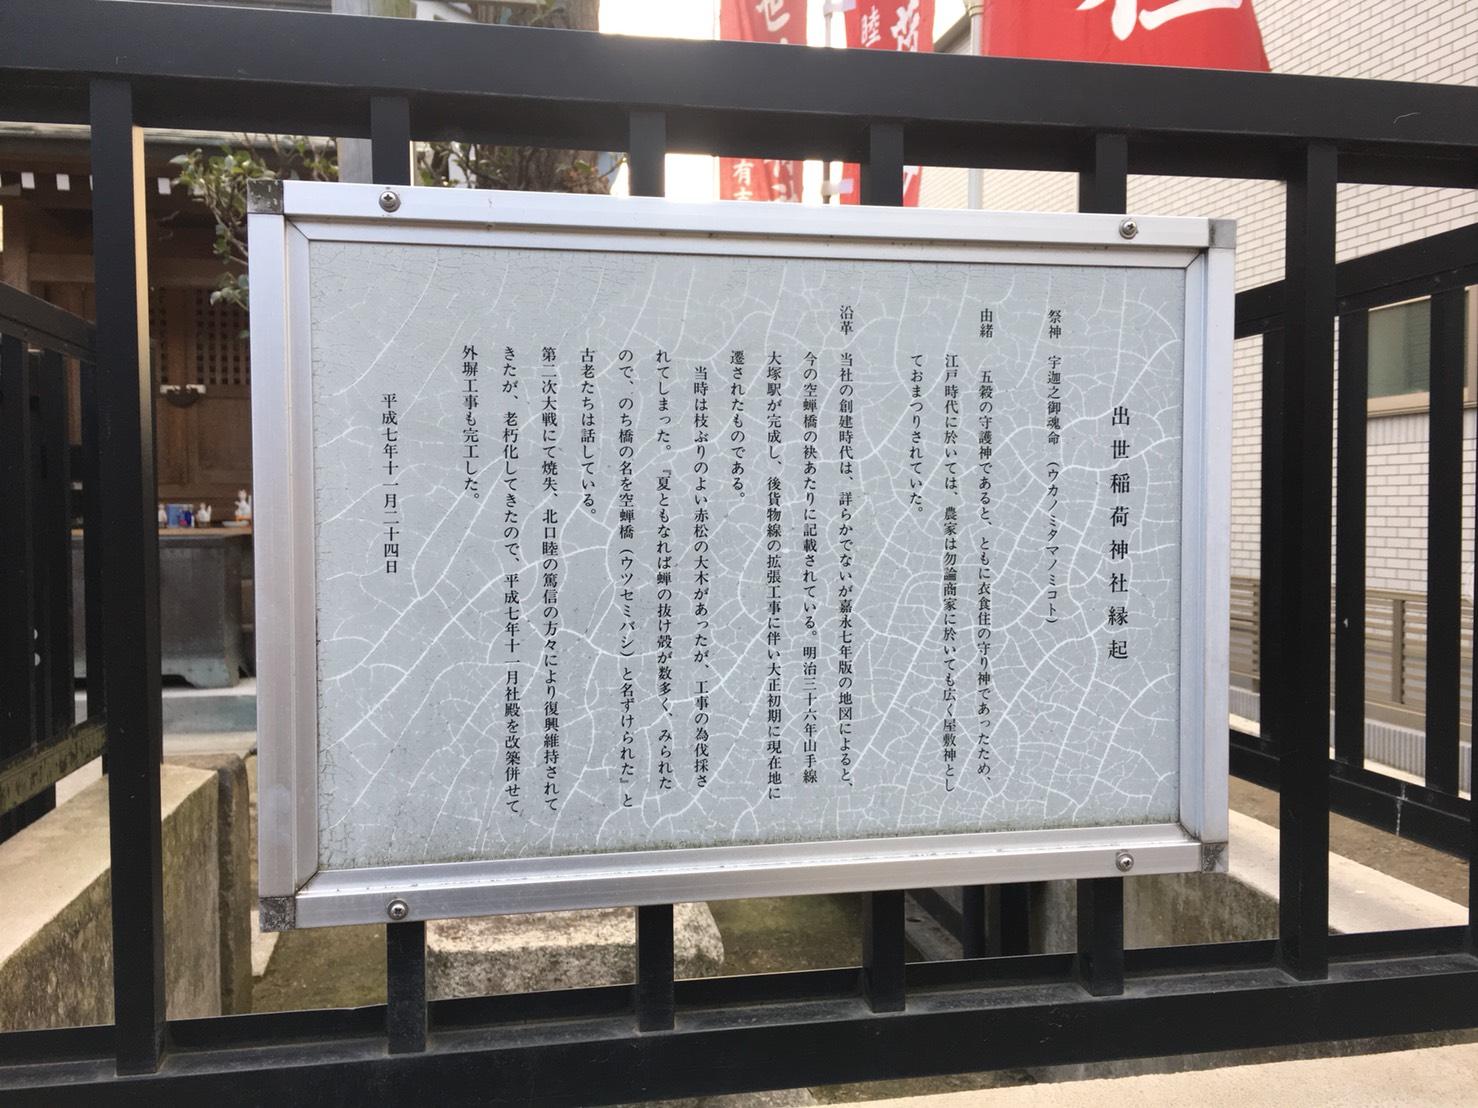 【大塚駅】ぶらり、ちょこっと大塚さんぽ。空蝉橋から抜けるスカイツリーが気持ちいい!の出世稲荷神社の沿革